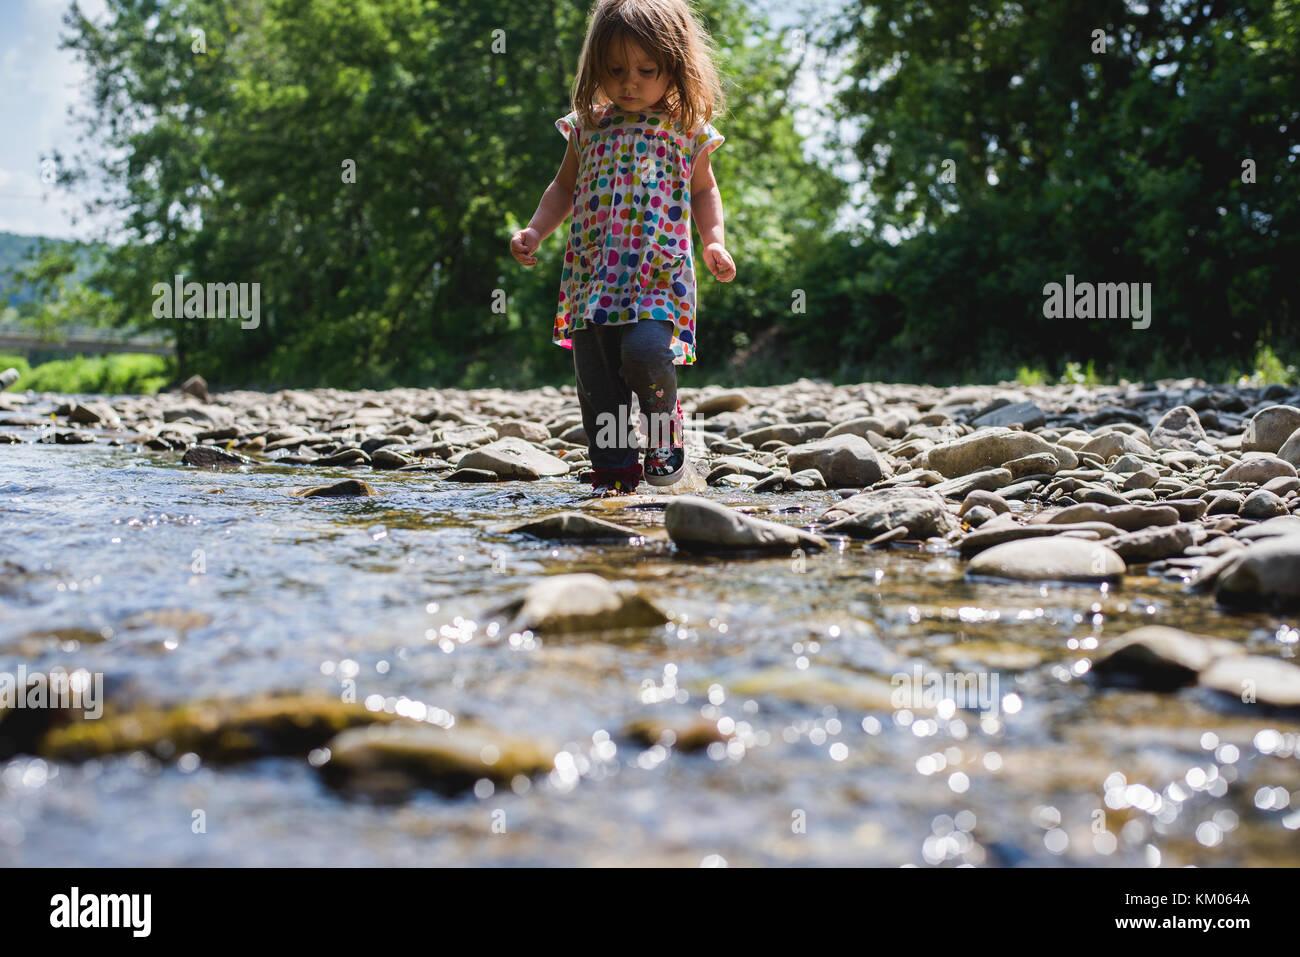 Une petite fille se dans un ruisseau dans un cadre ensoleillé, jour d'été. Photo Stock